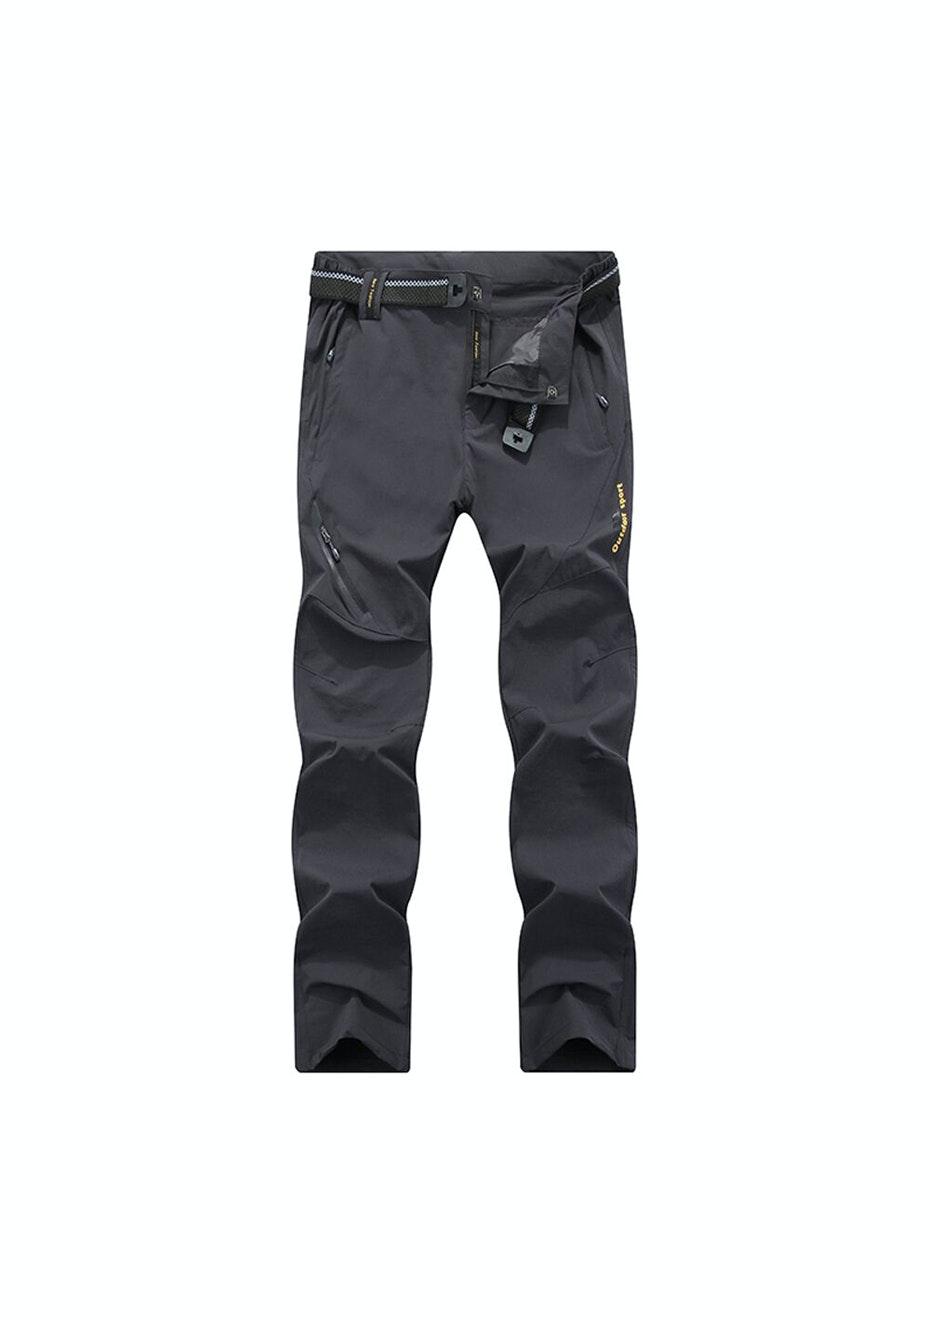 Women 2-in-1 WaterProof Pants - Charcoal